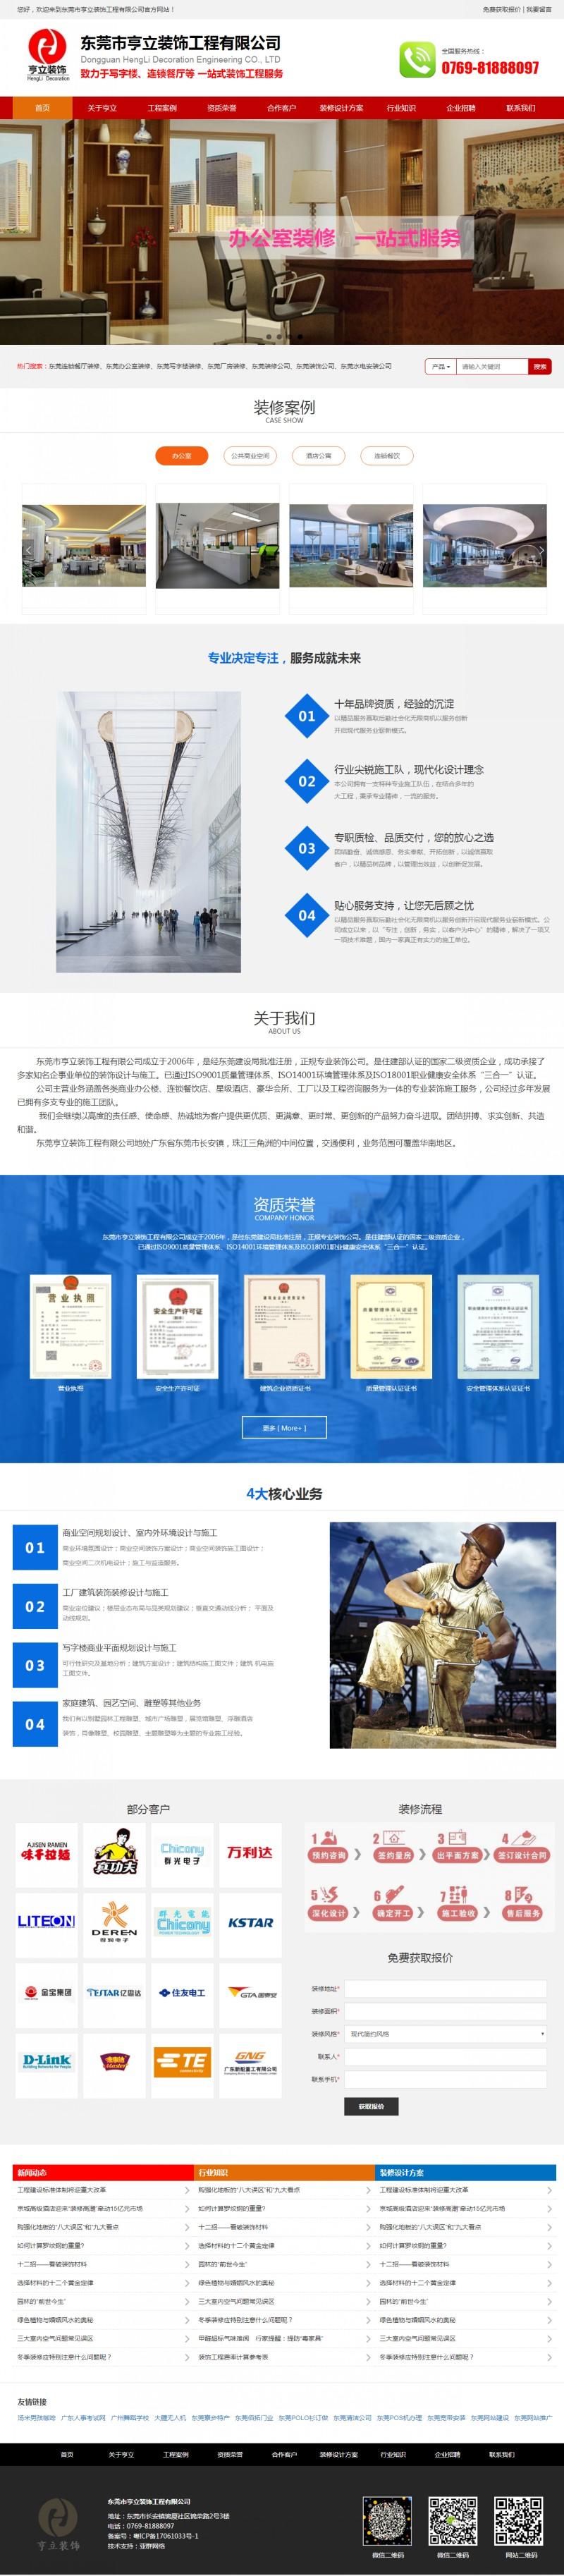 装饰/装修公司网站建设案例